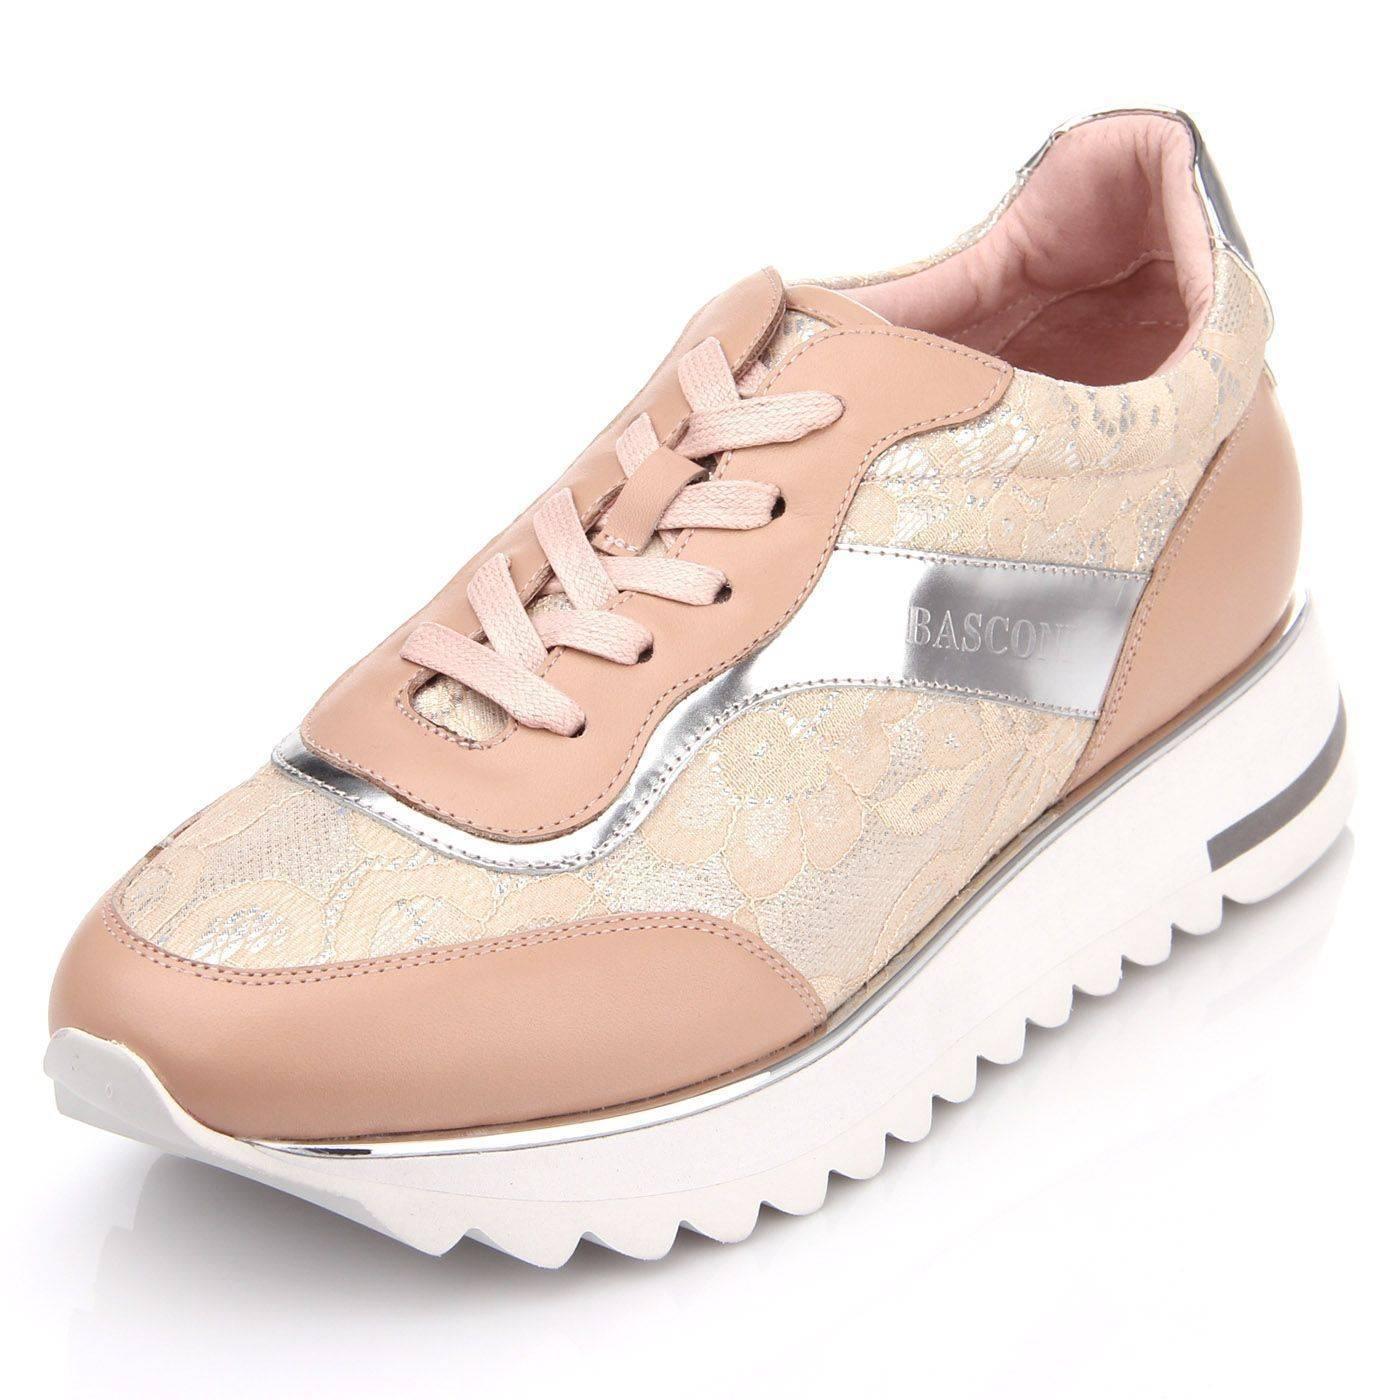 Кросівки жіночі Basconi 4718 Рожевий купить по выгодной цене в ... 289d5b7ab940a